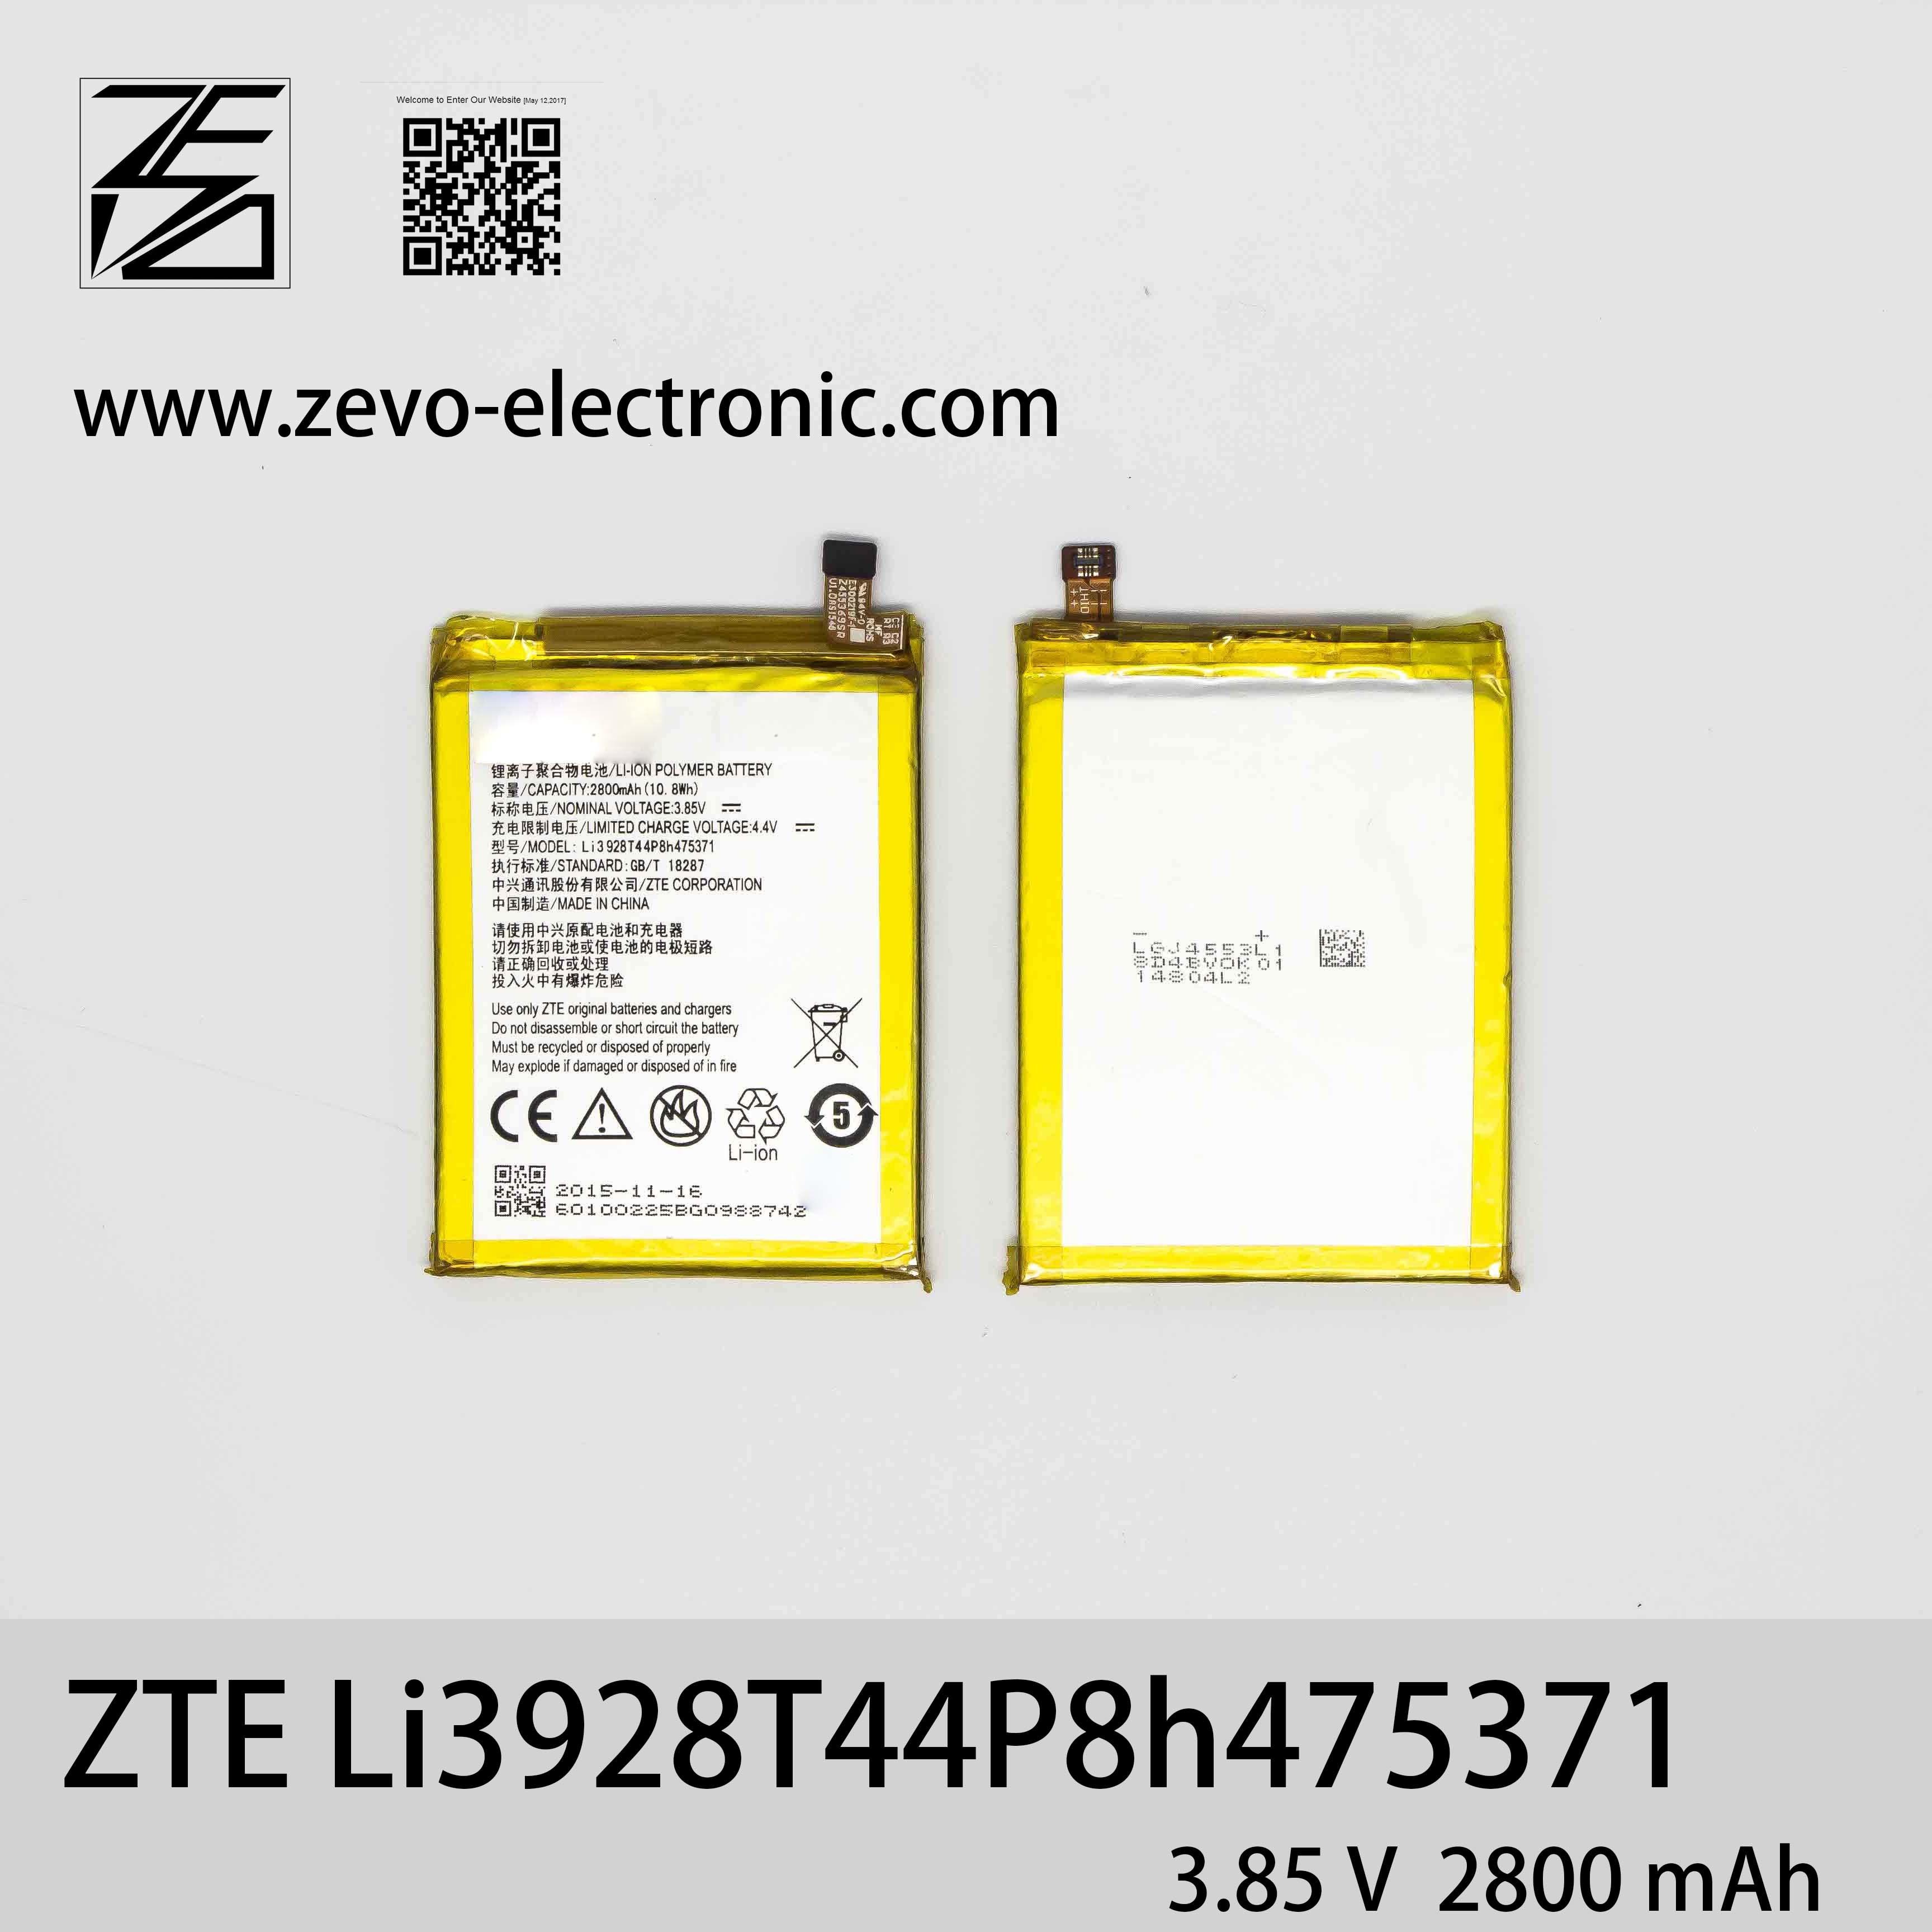 [Hot Item] 2800mAh Mobile Phone Battery 100% New Li3928t44p8h475371 for Zte